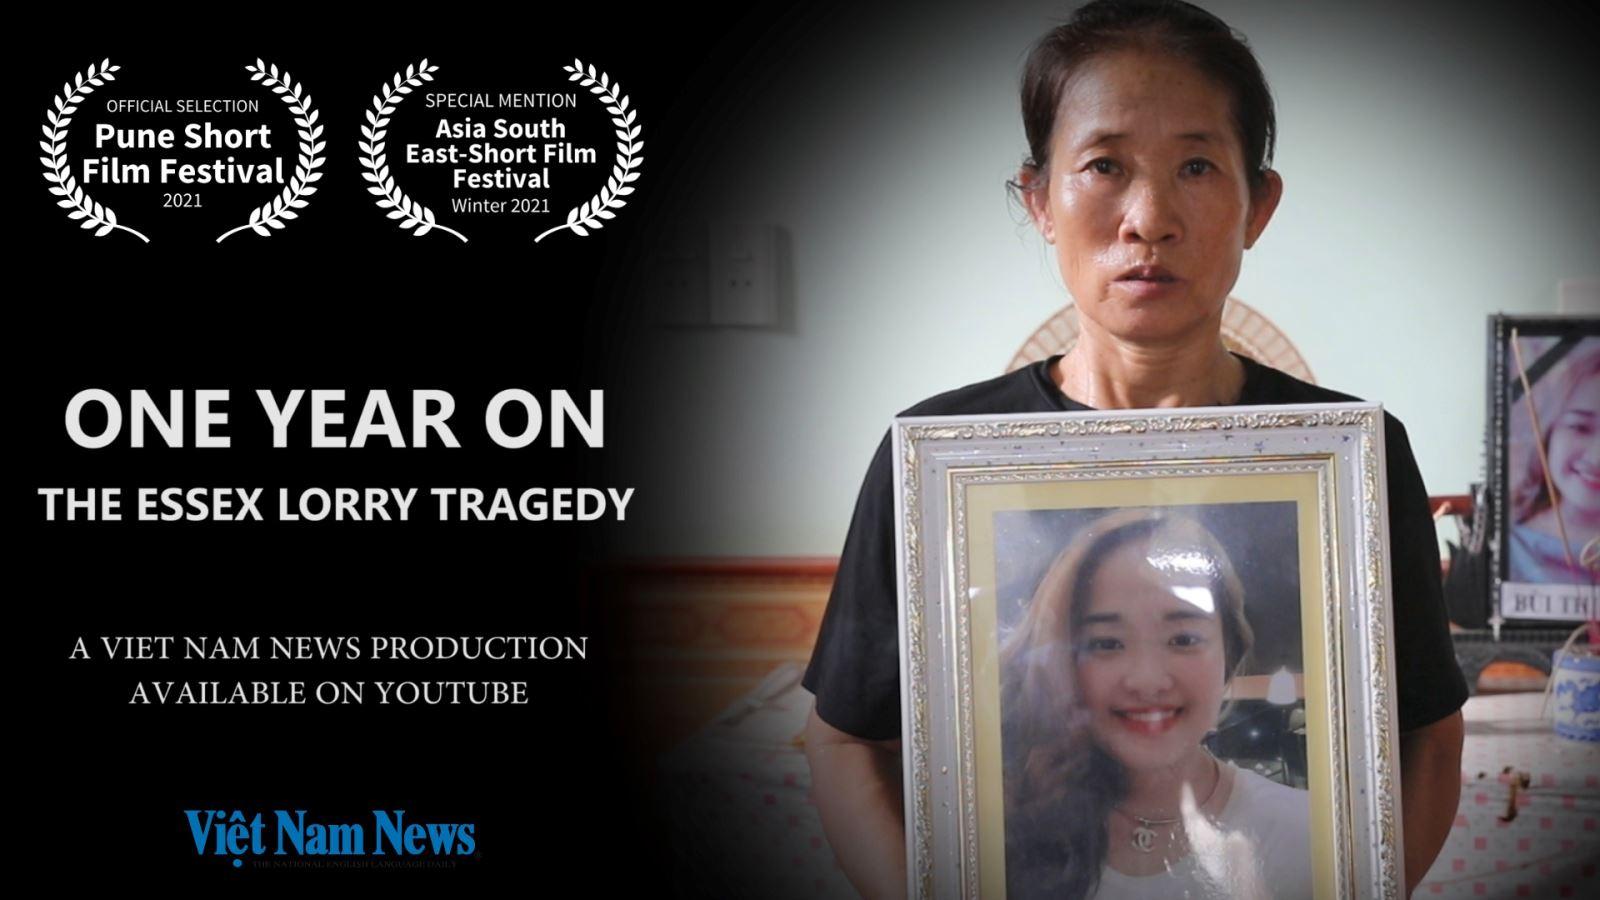 Phim tài liệu của báo Việt Nam News về thảm kịch xe tải Essex tham dự liên hoan phim quốc tế